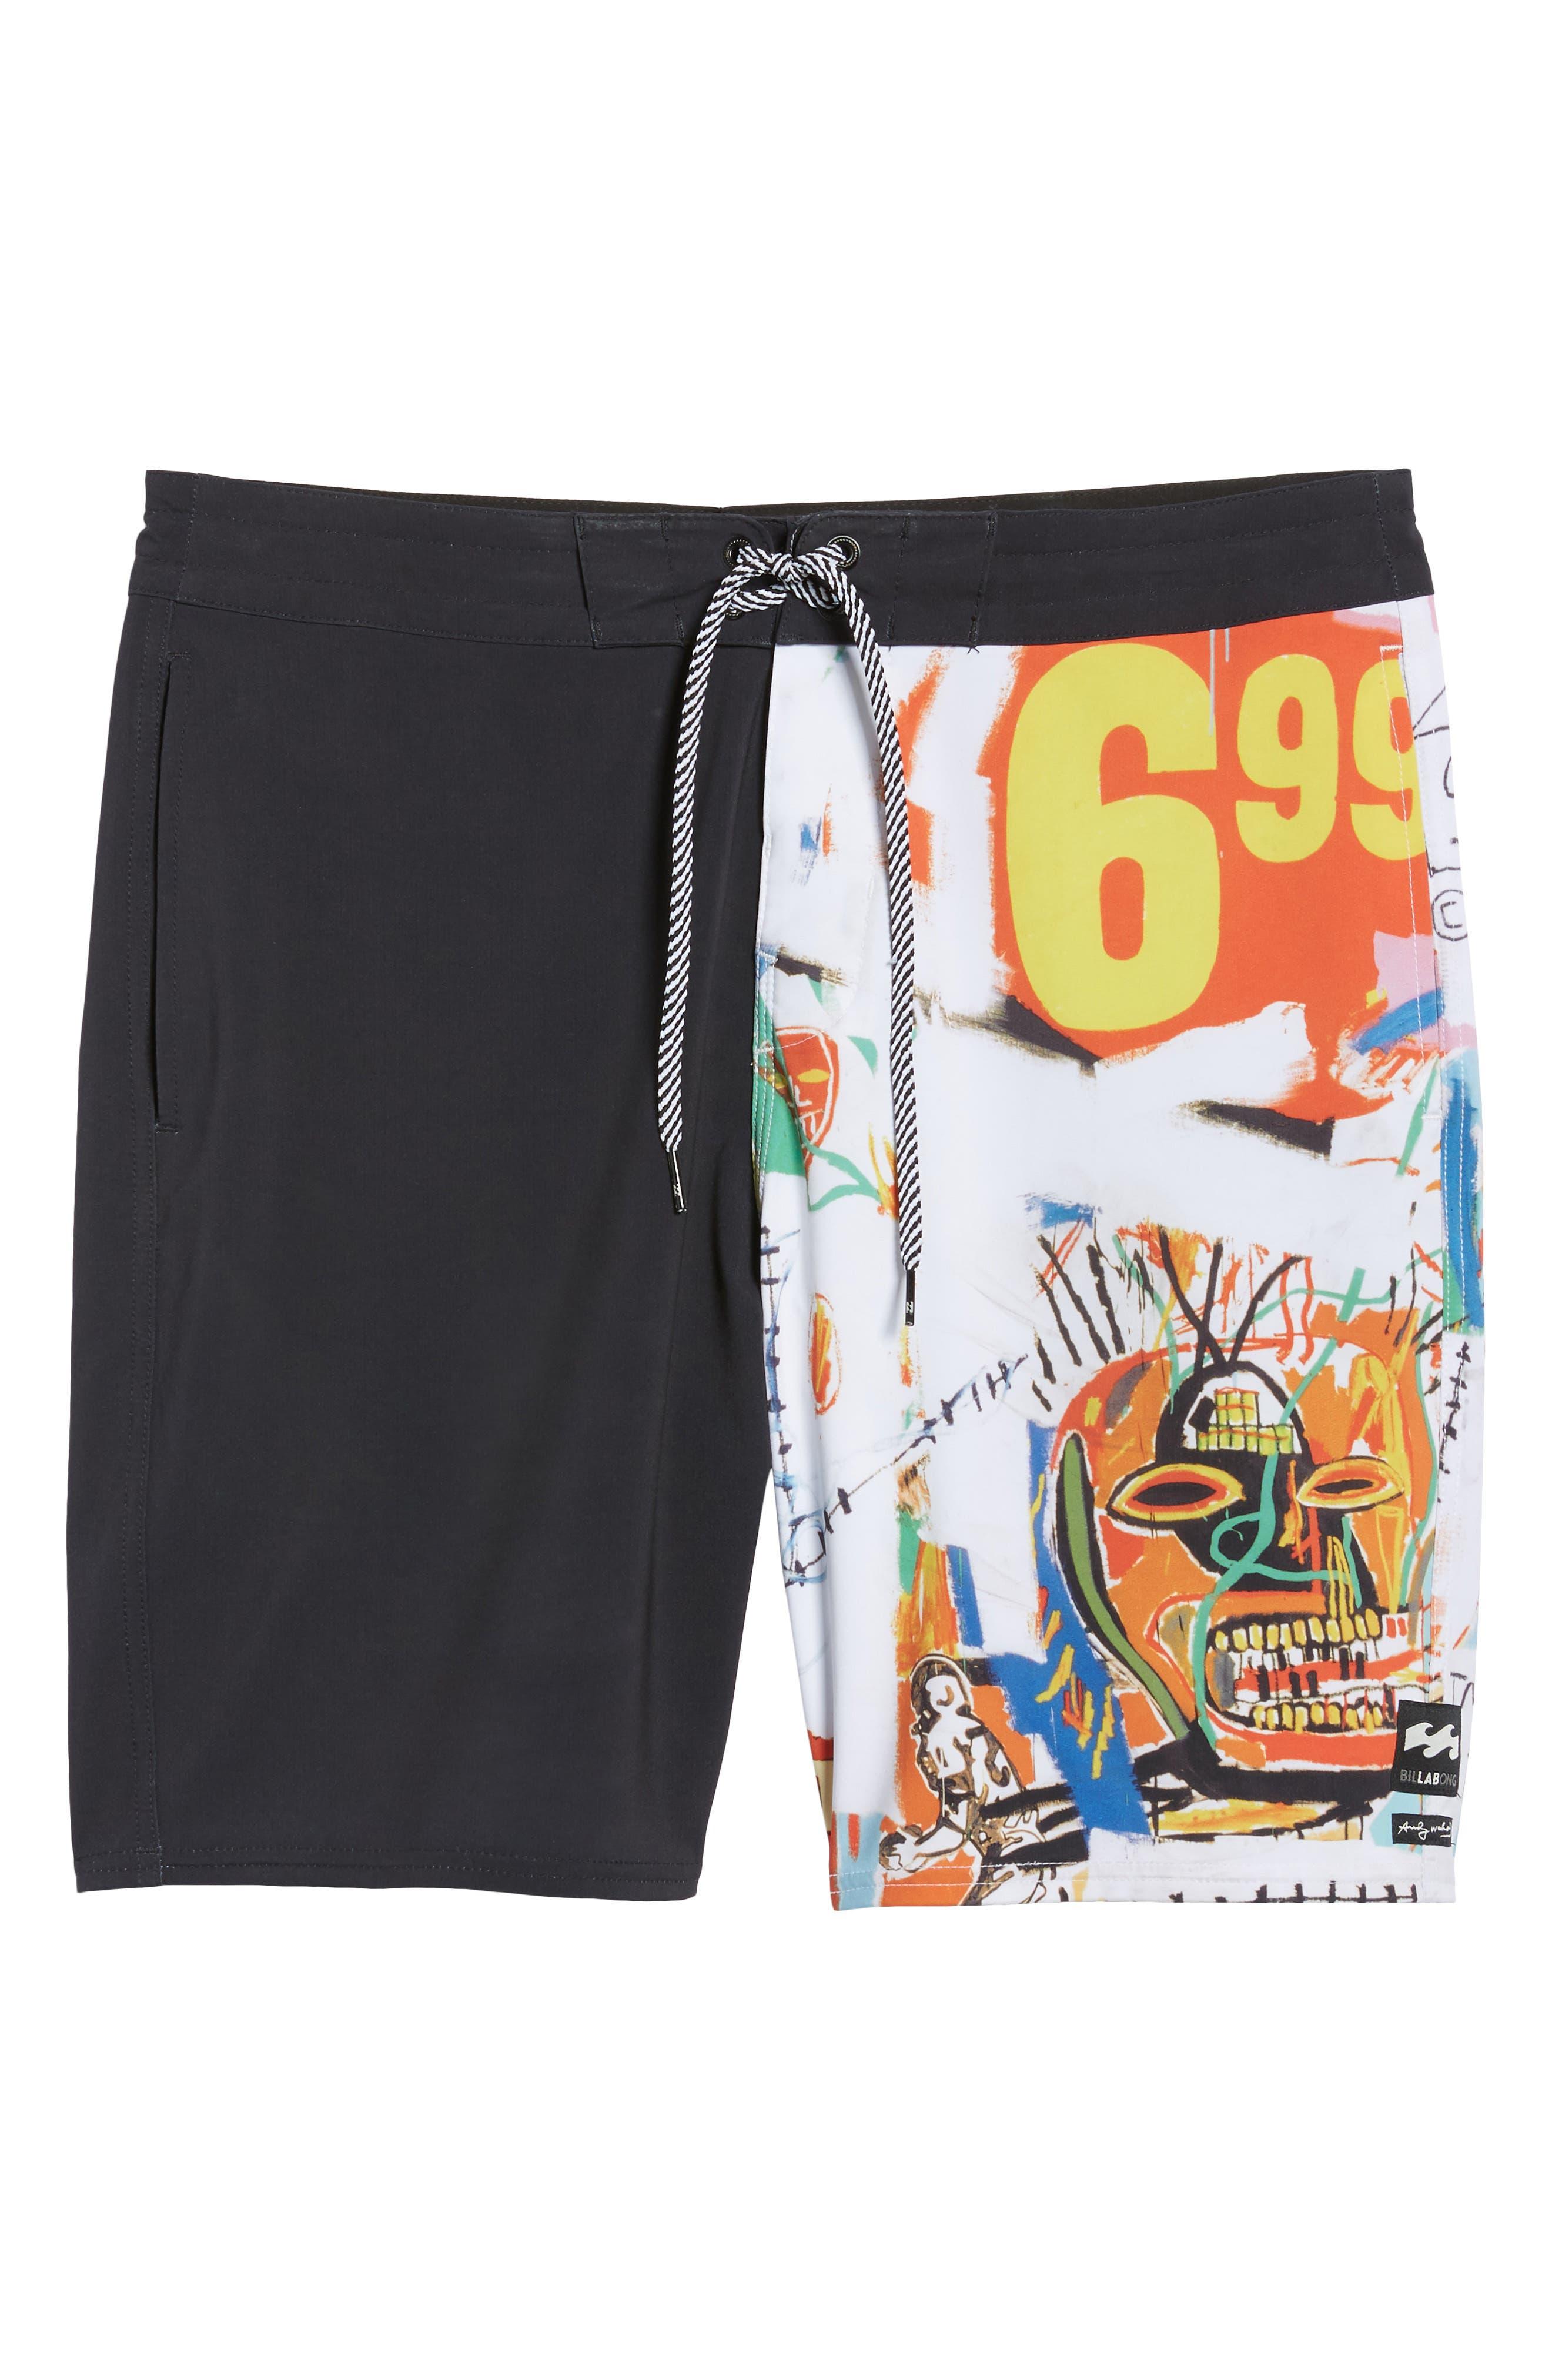 x Warhol 699 Board Shorts,                             Alternate thumbnail 6, color,                             100